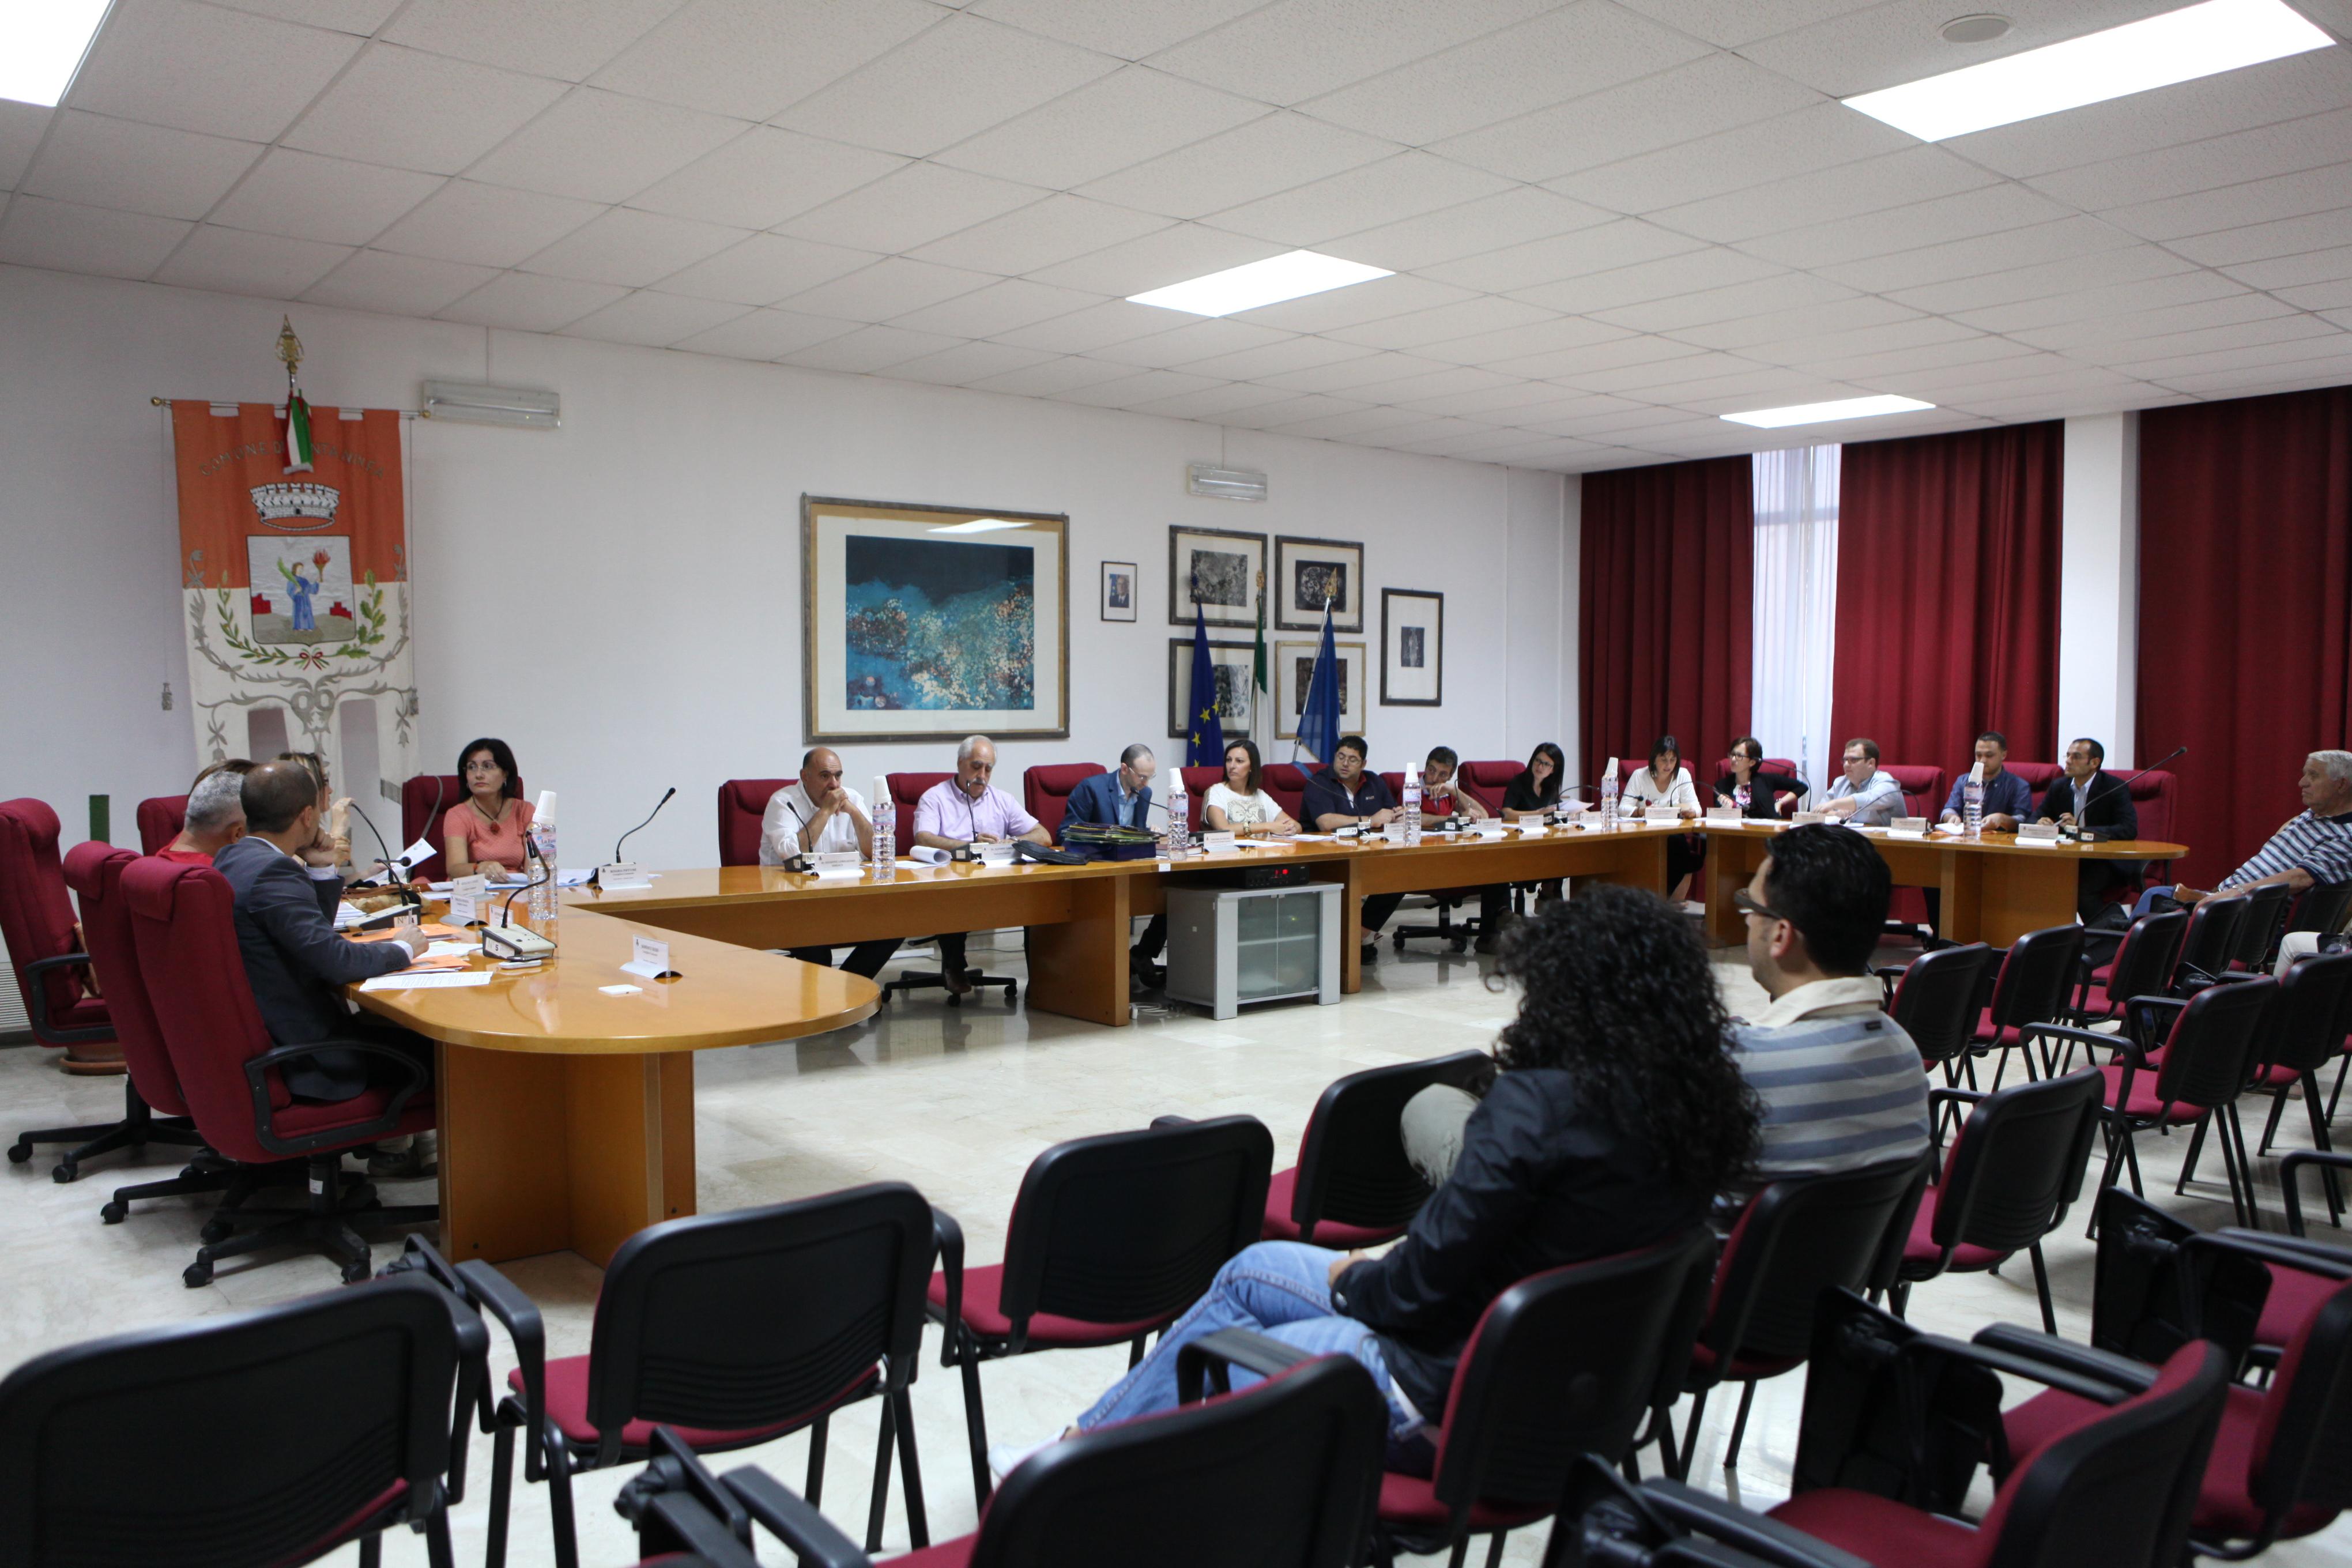 Santa Ninfa: Approvato il rendiconto 2016; avanzo di oltre due milioni di euro